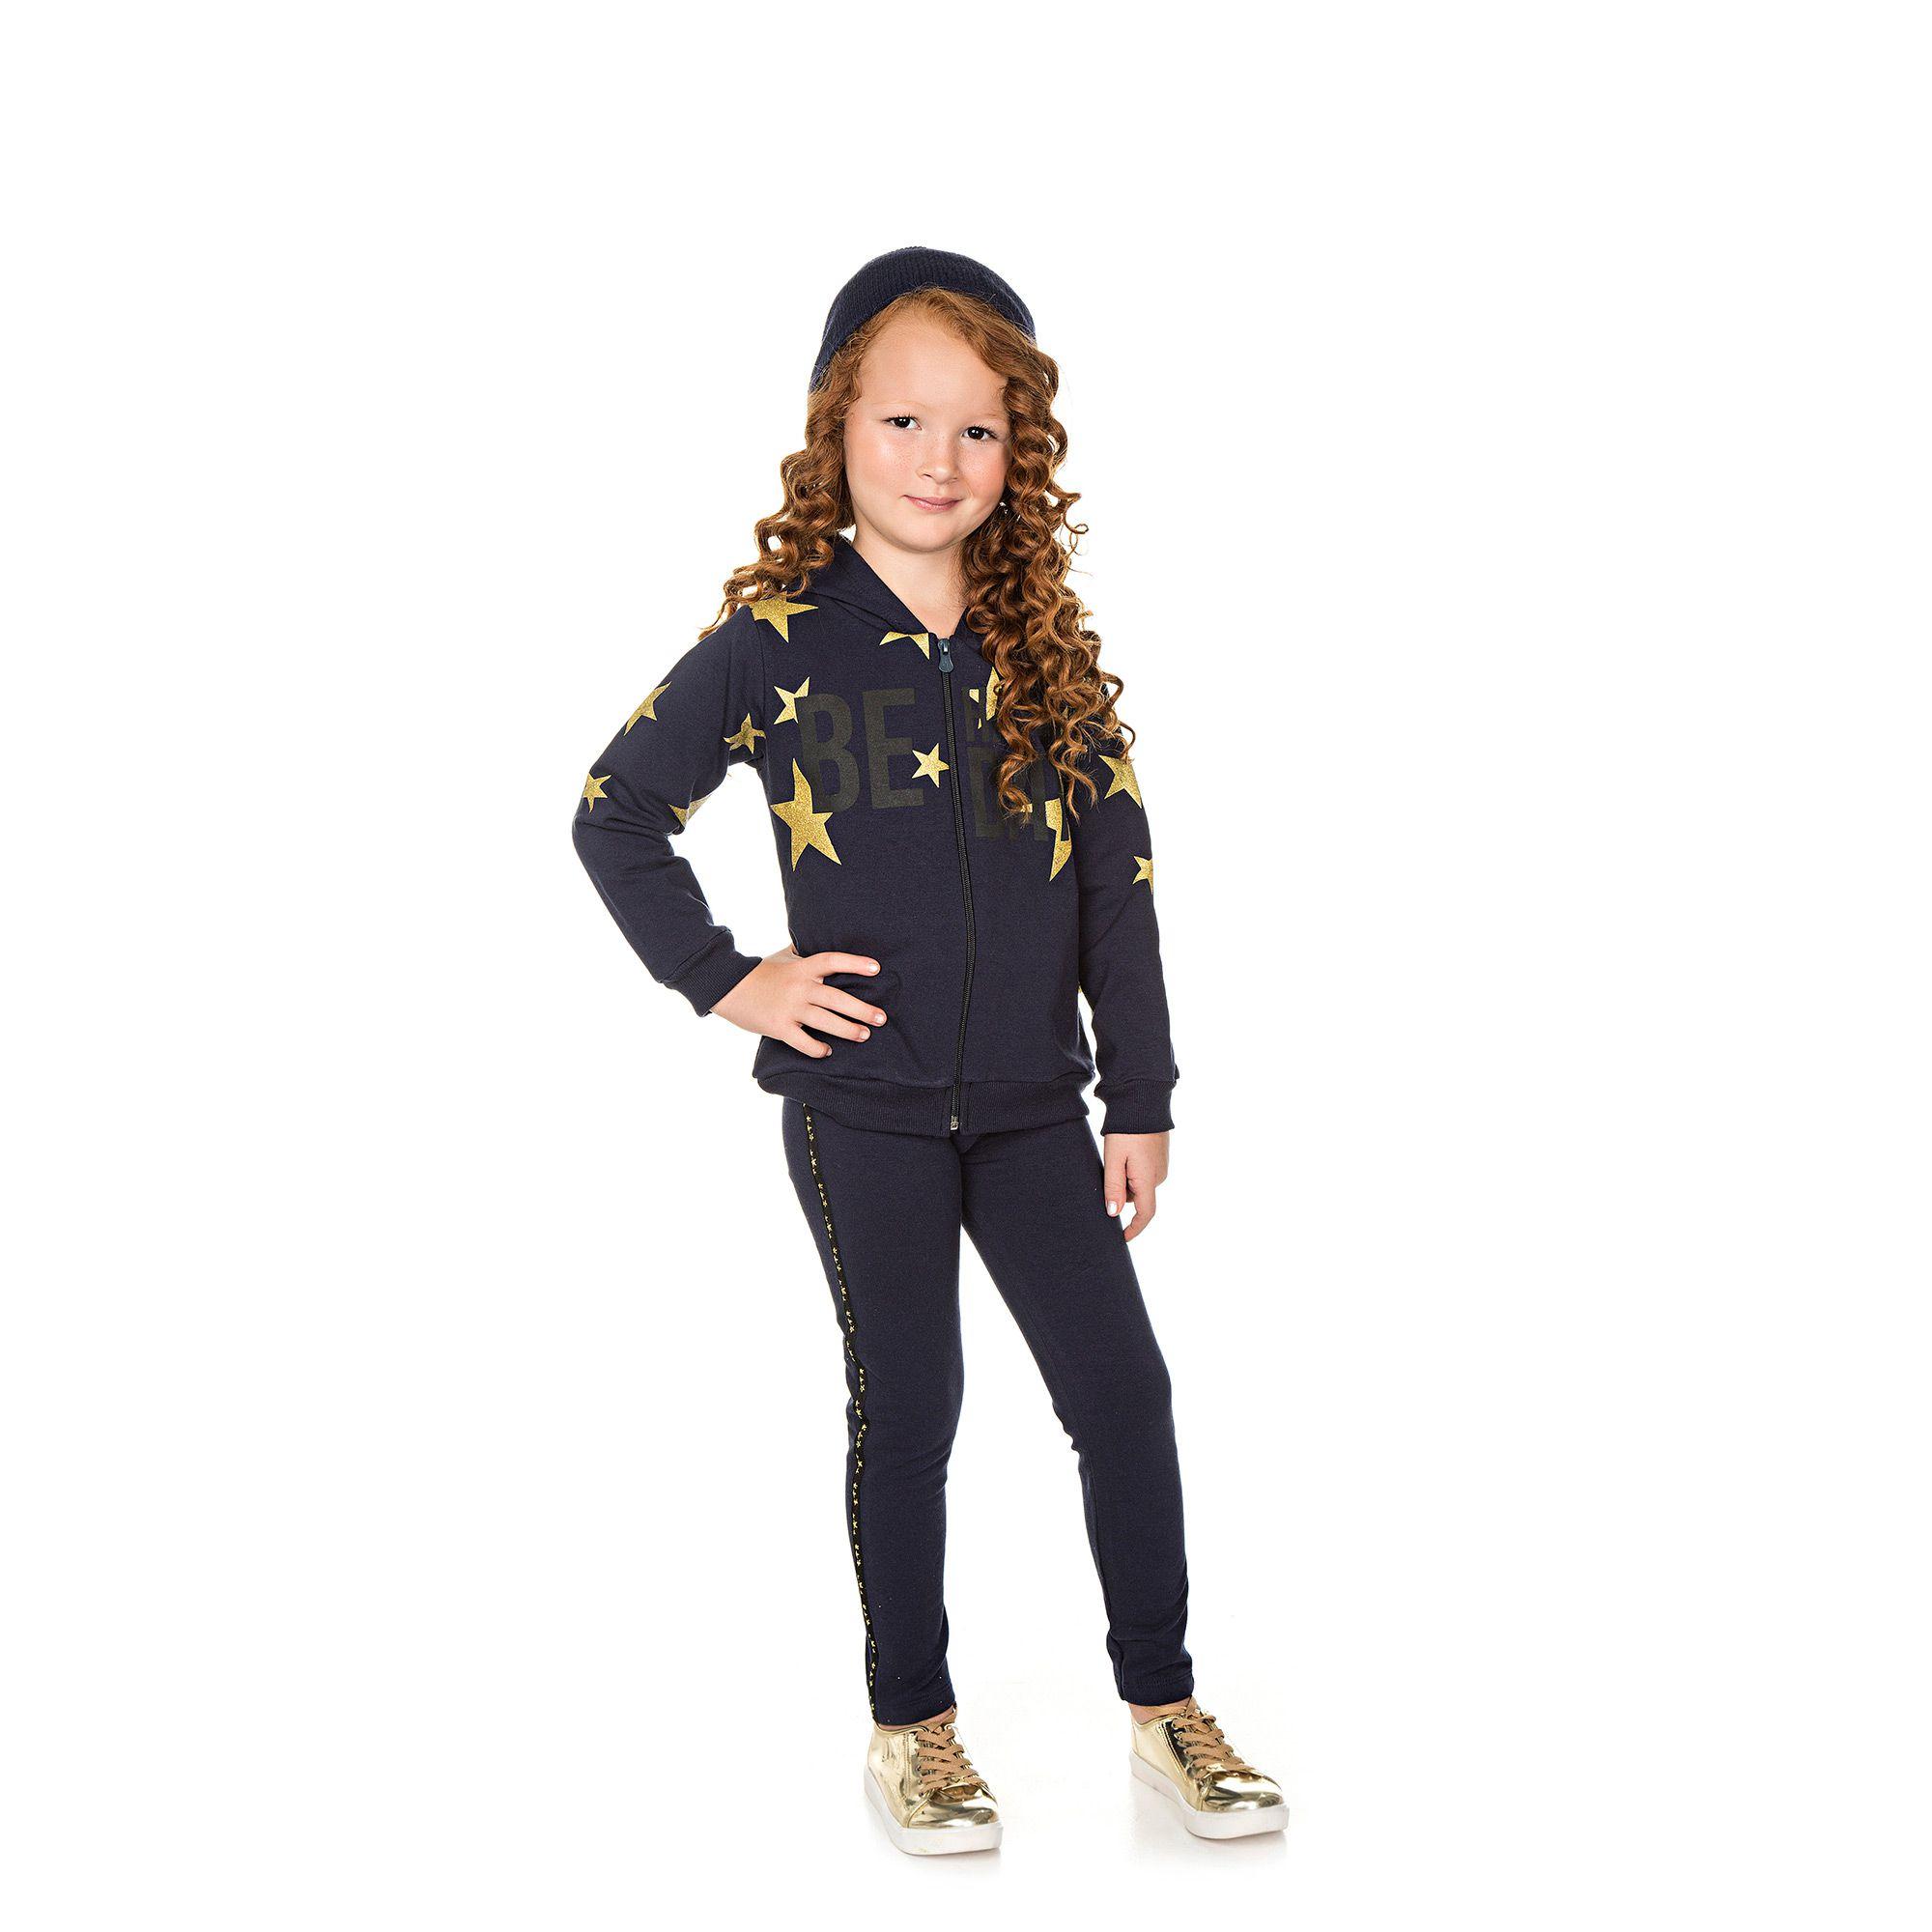 Conjunto Infantil Jaqueta e Legging  - Ref 4995 - Marinho